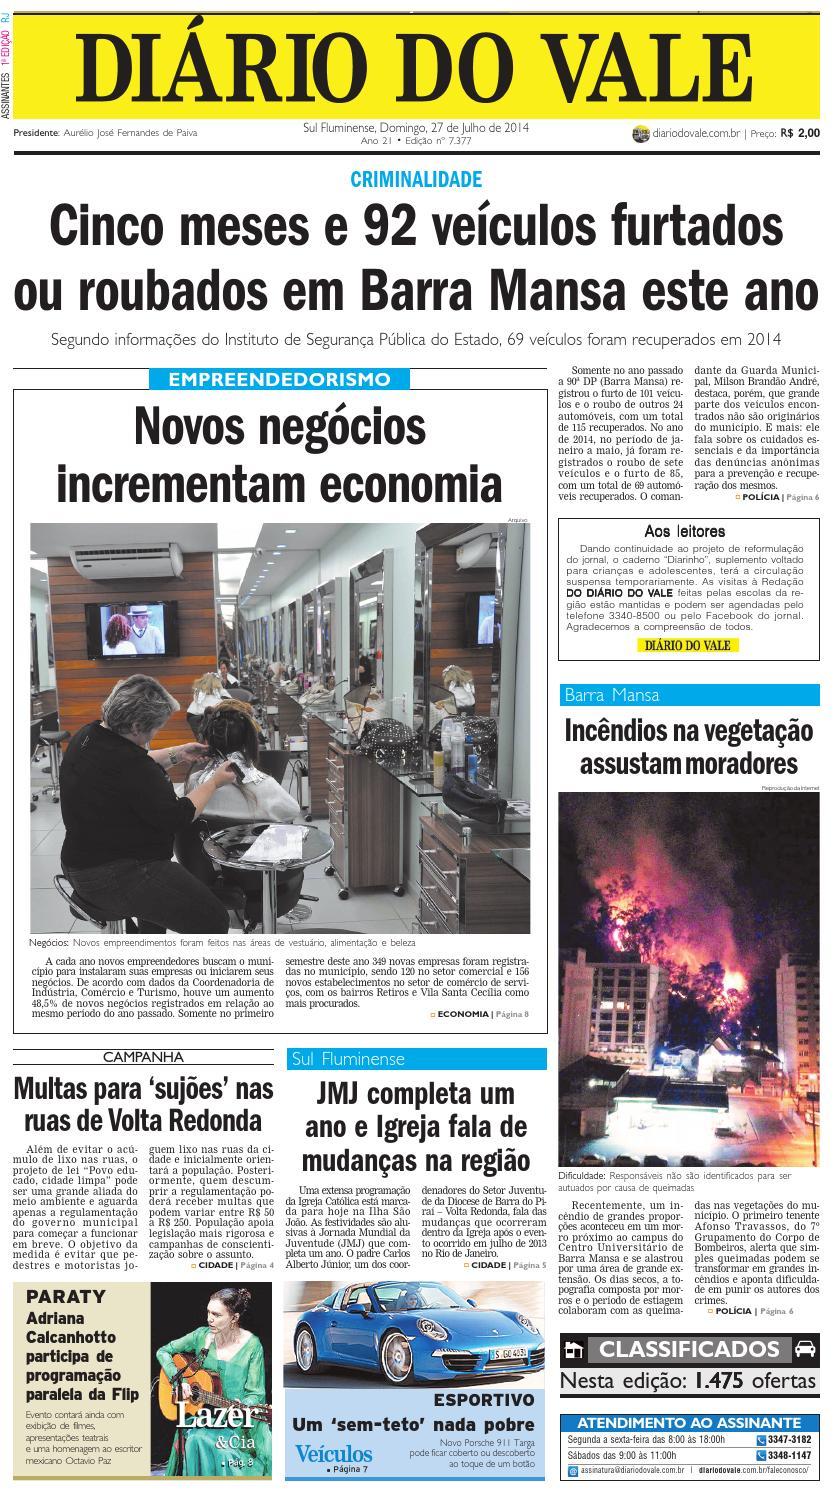 2a22d8b4ce6f7 7377 diario do vale domingo 27 07 2014 by Diário do Vale - issuu